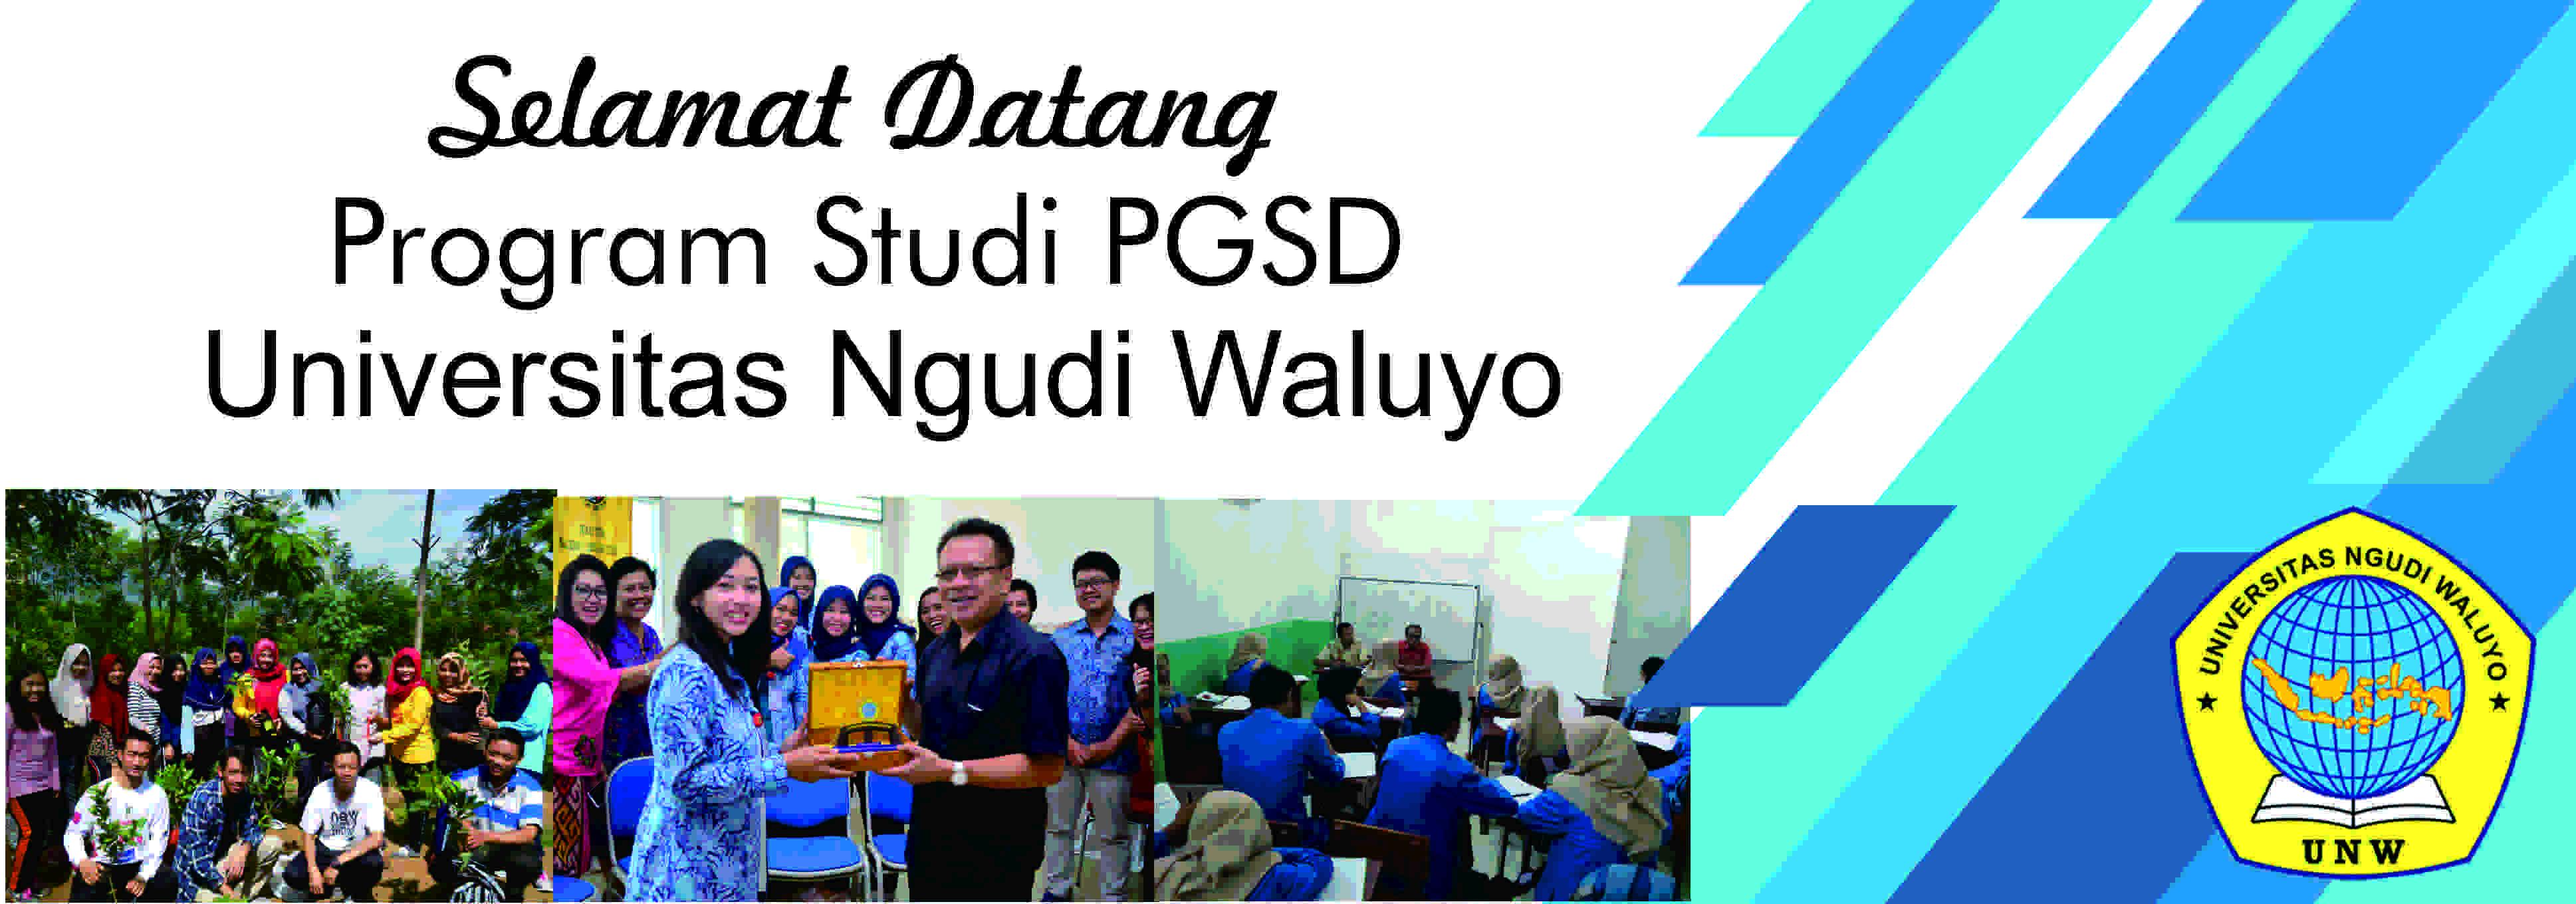 Image slide 3